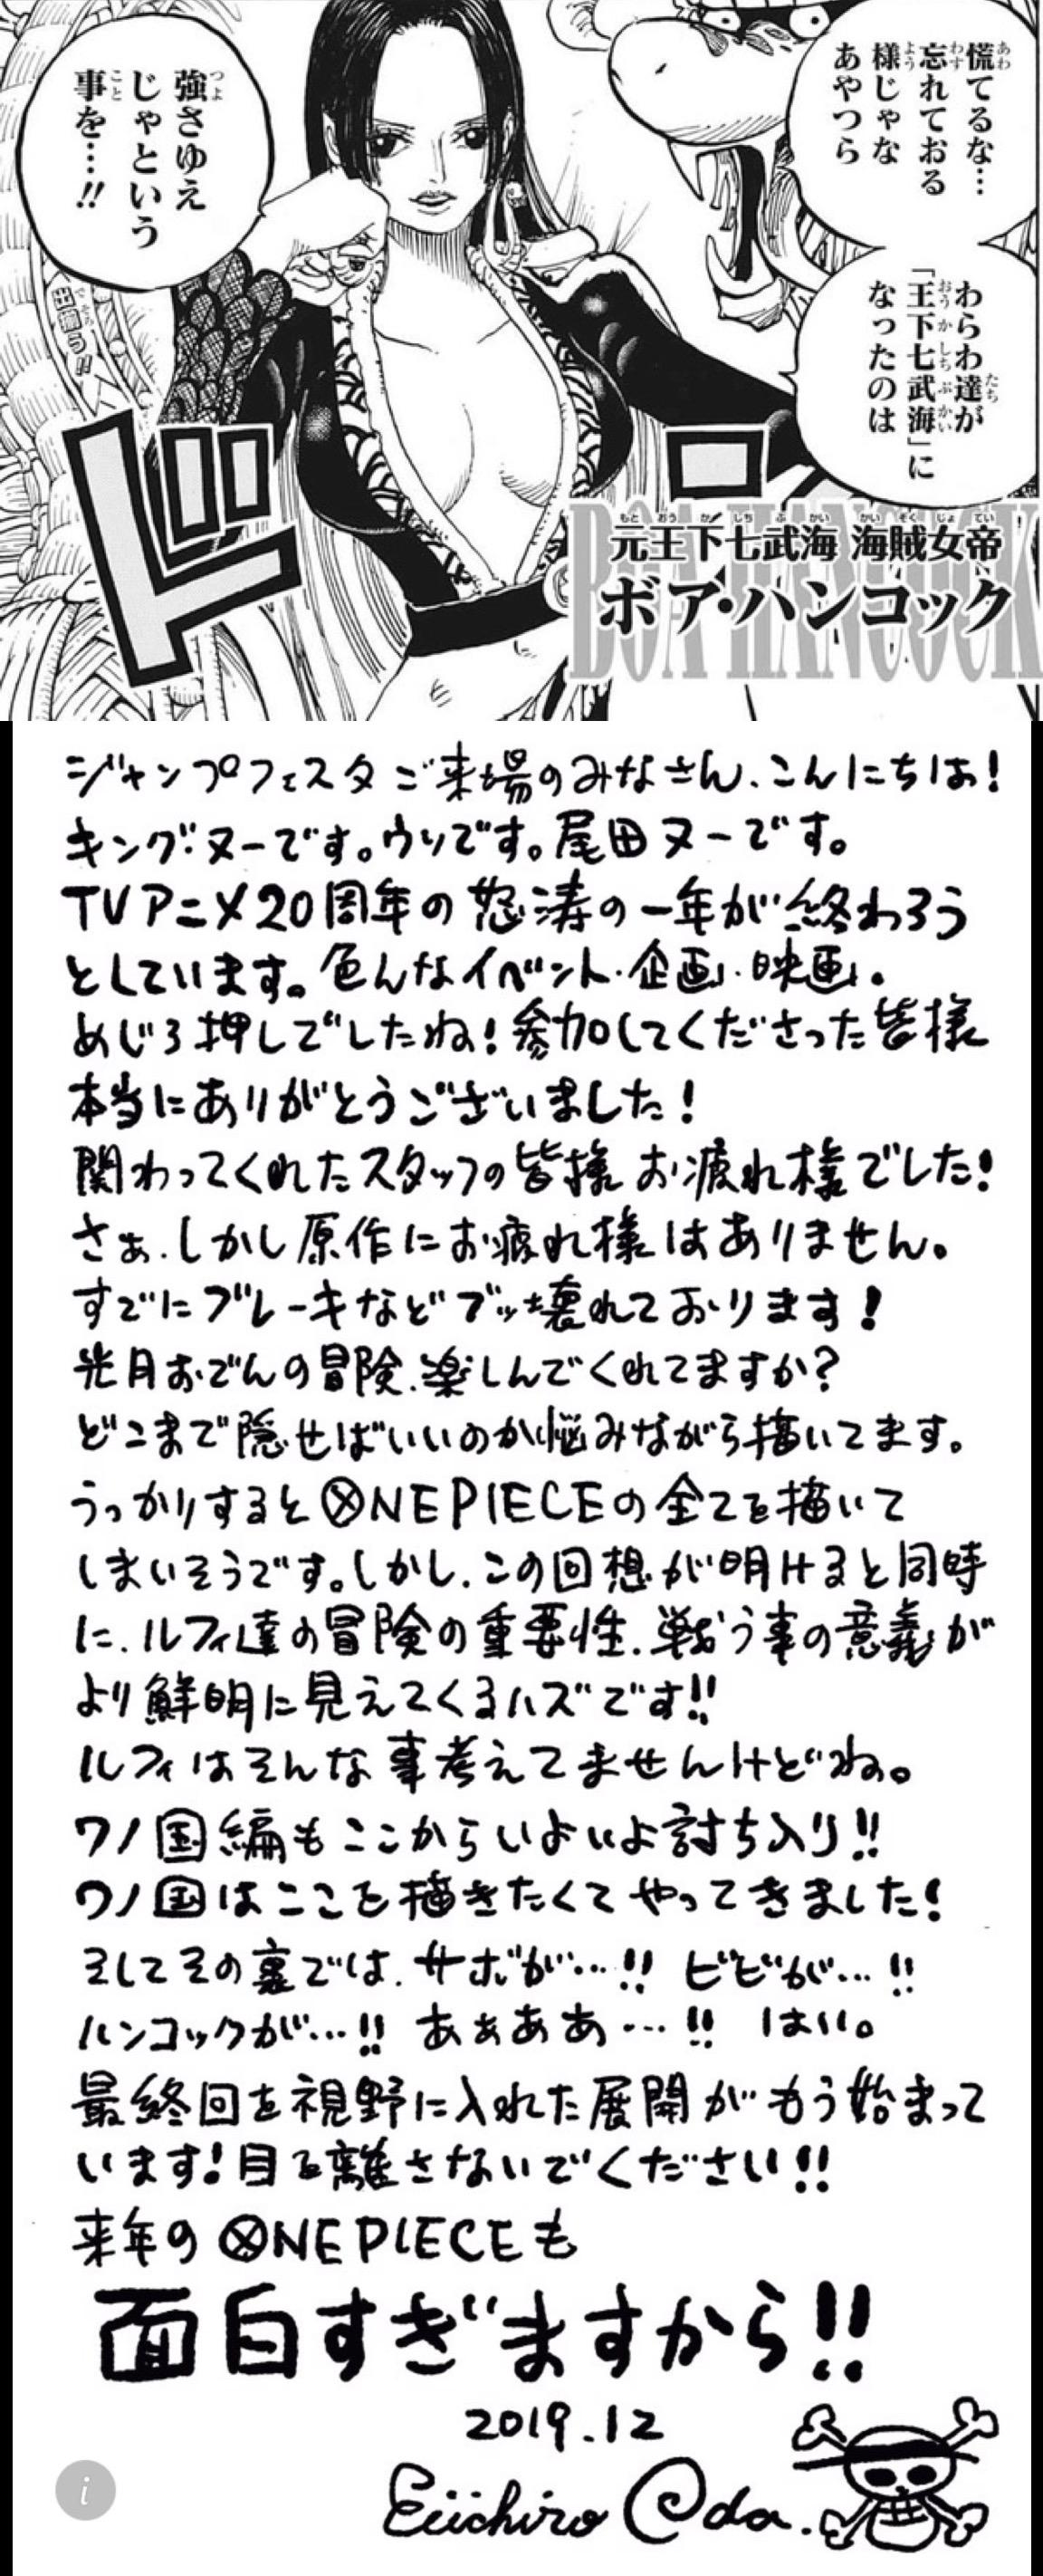 ワンピース】 尾田栄一郎先生のコメントから七武海ハンコックに敗北 ...